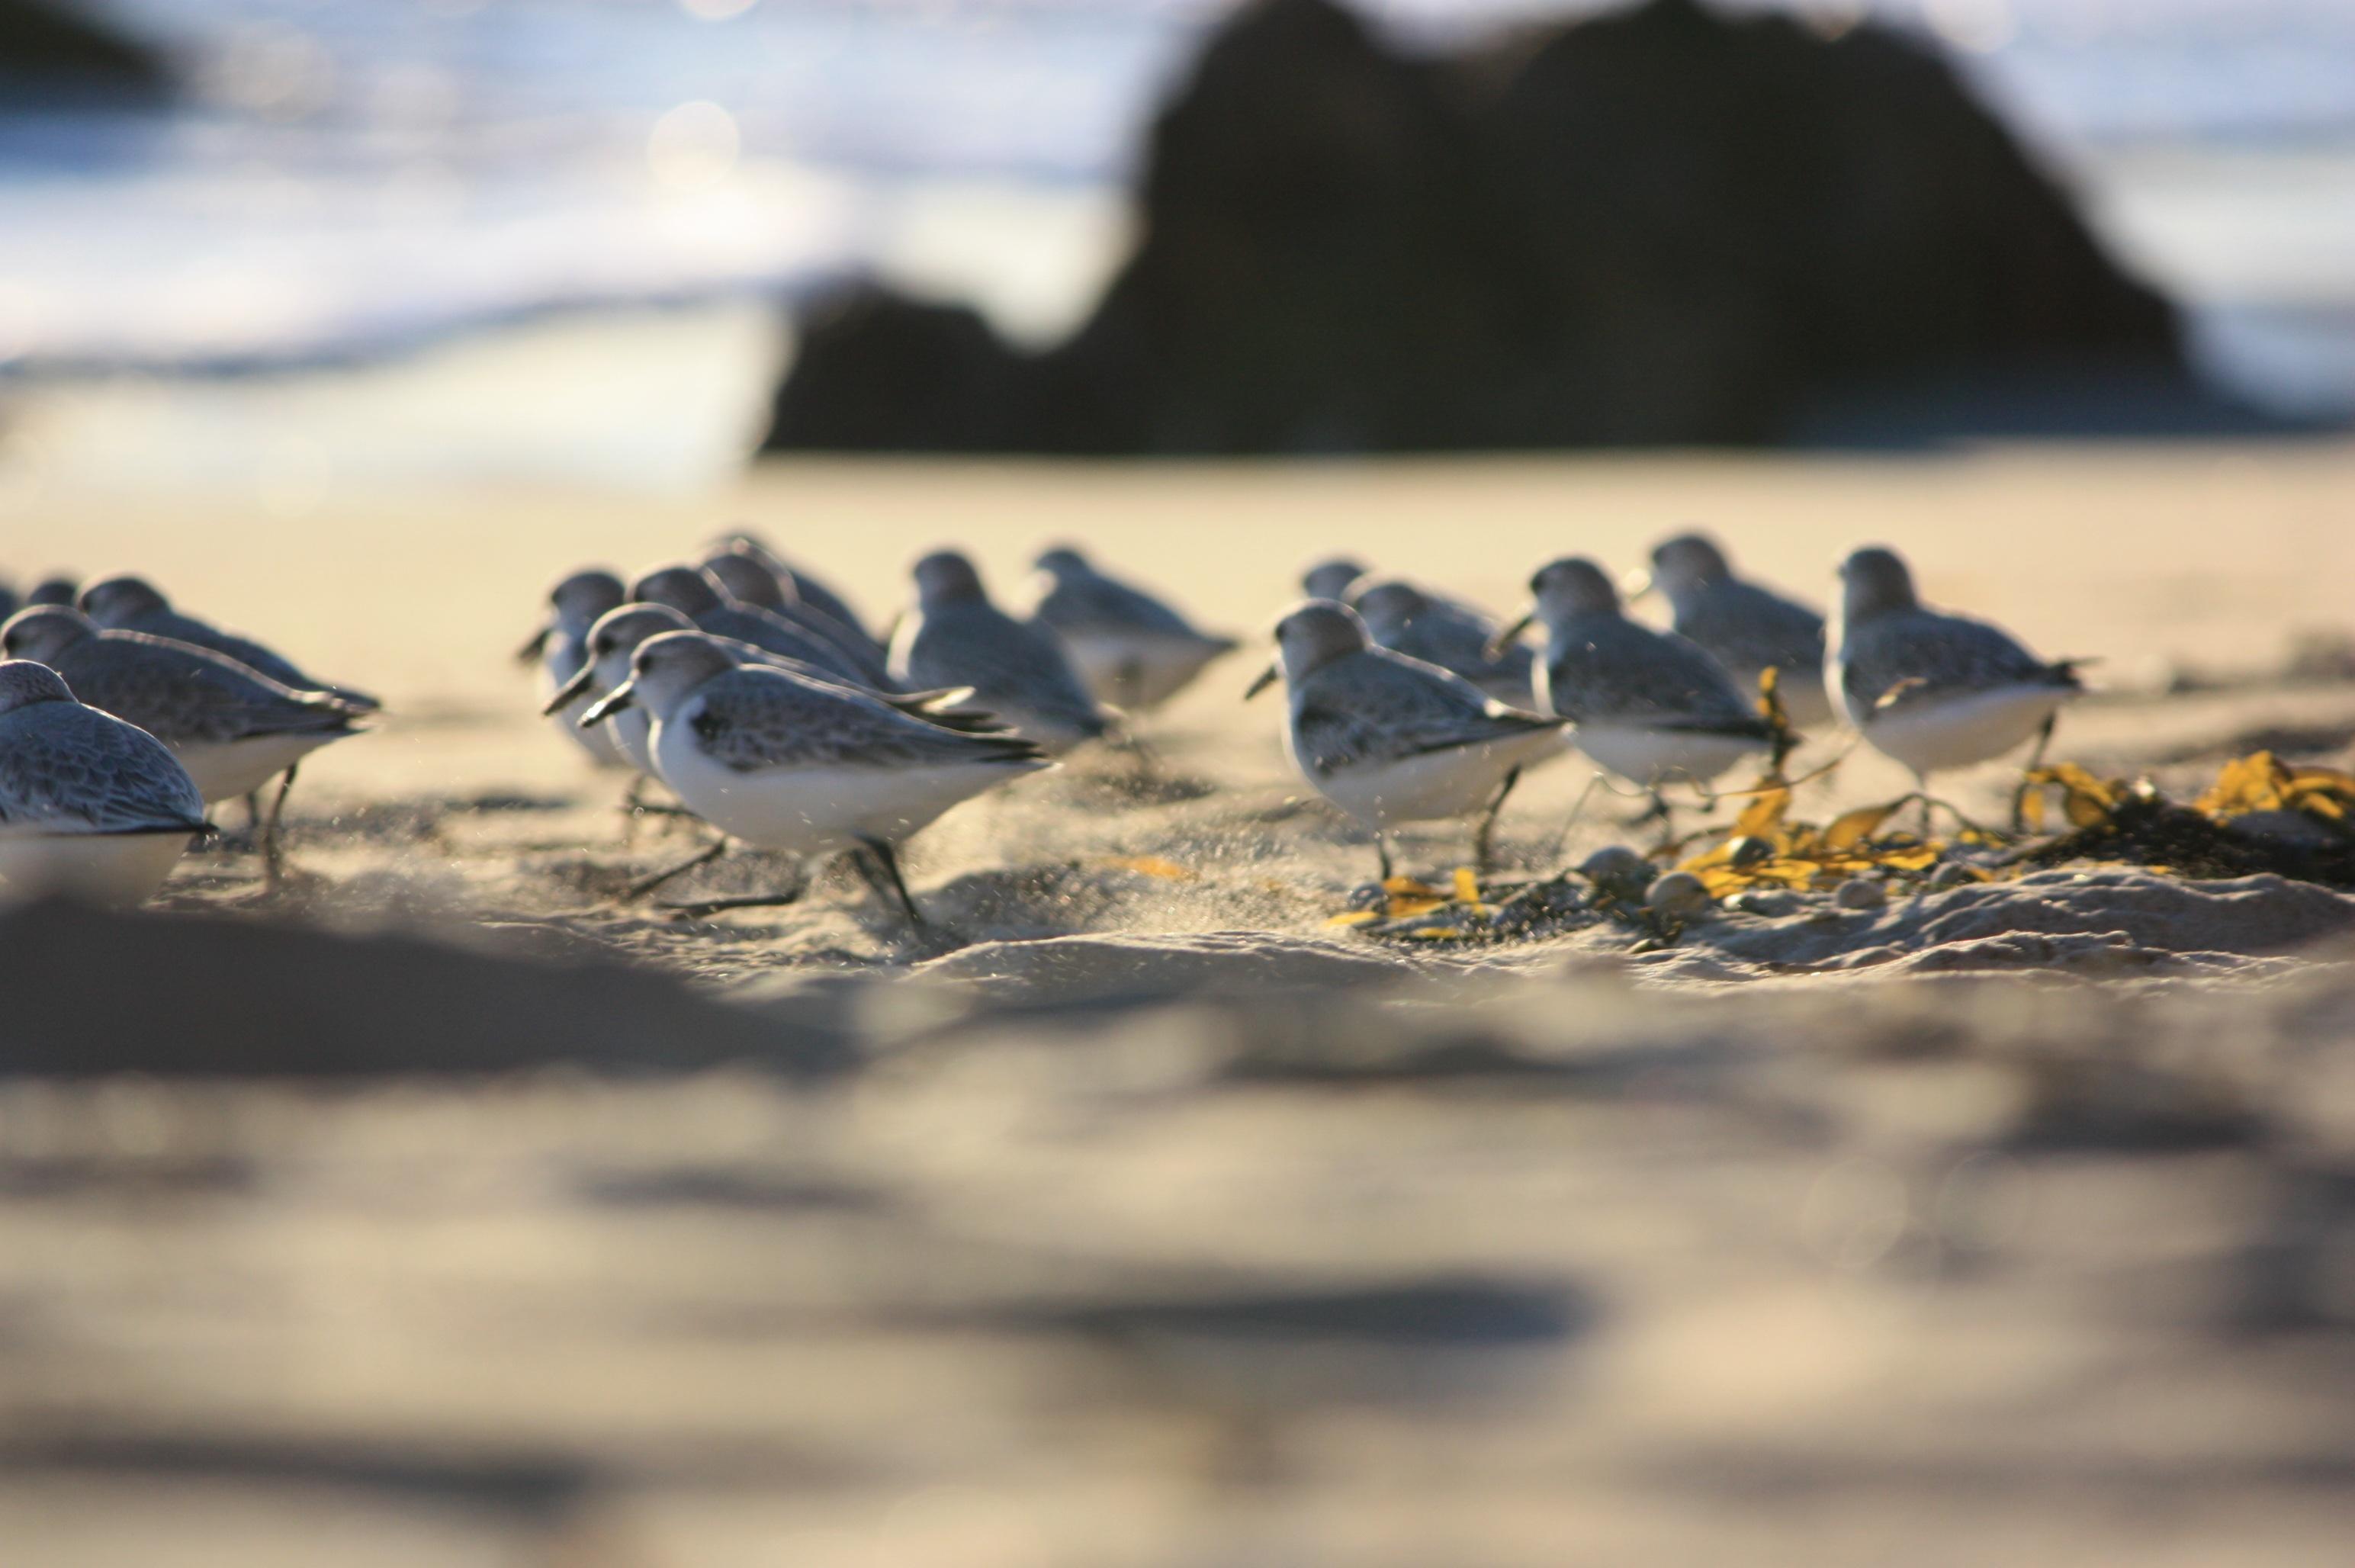 акрил картинки с птицами на природе с морем слива